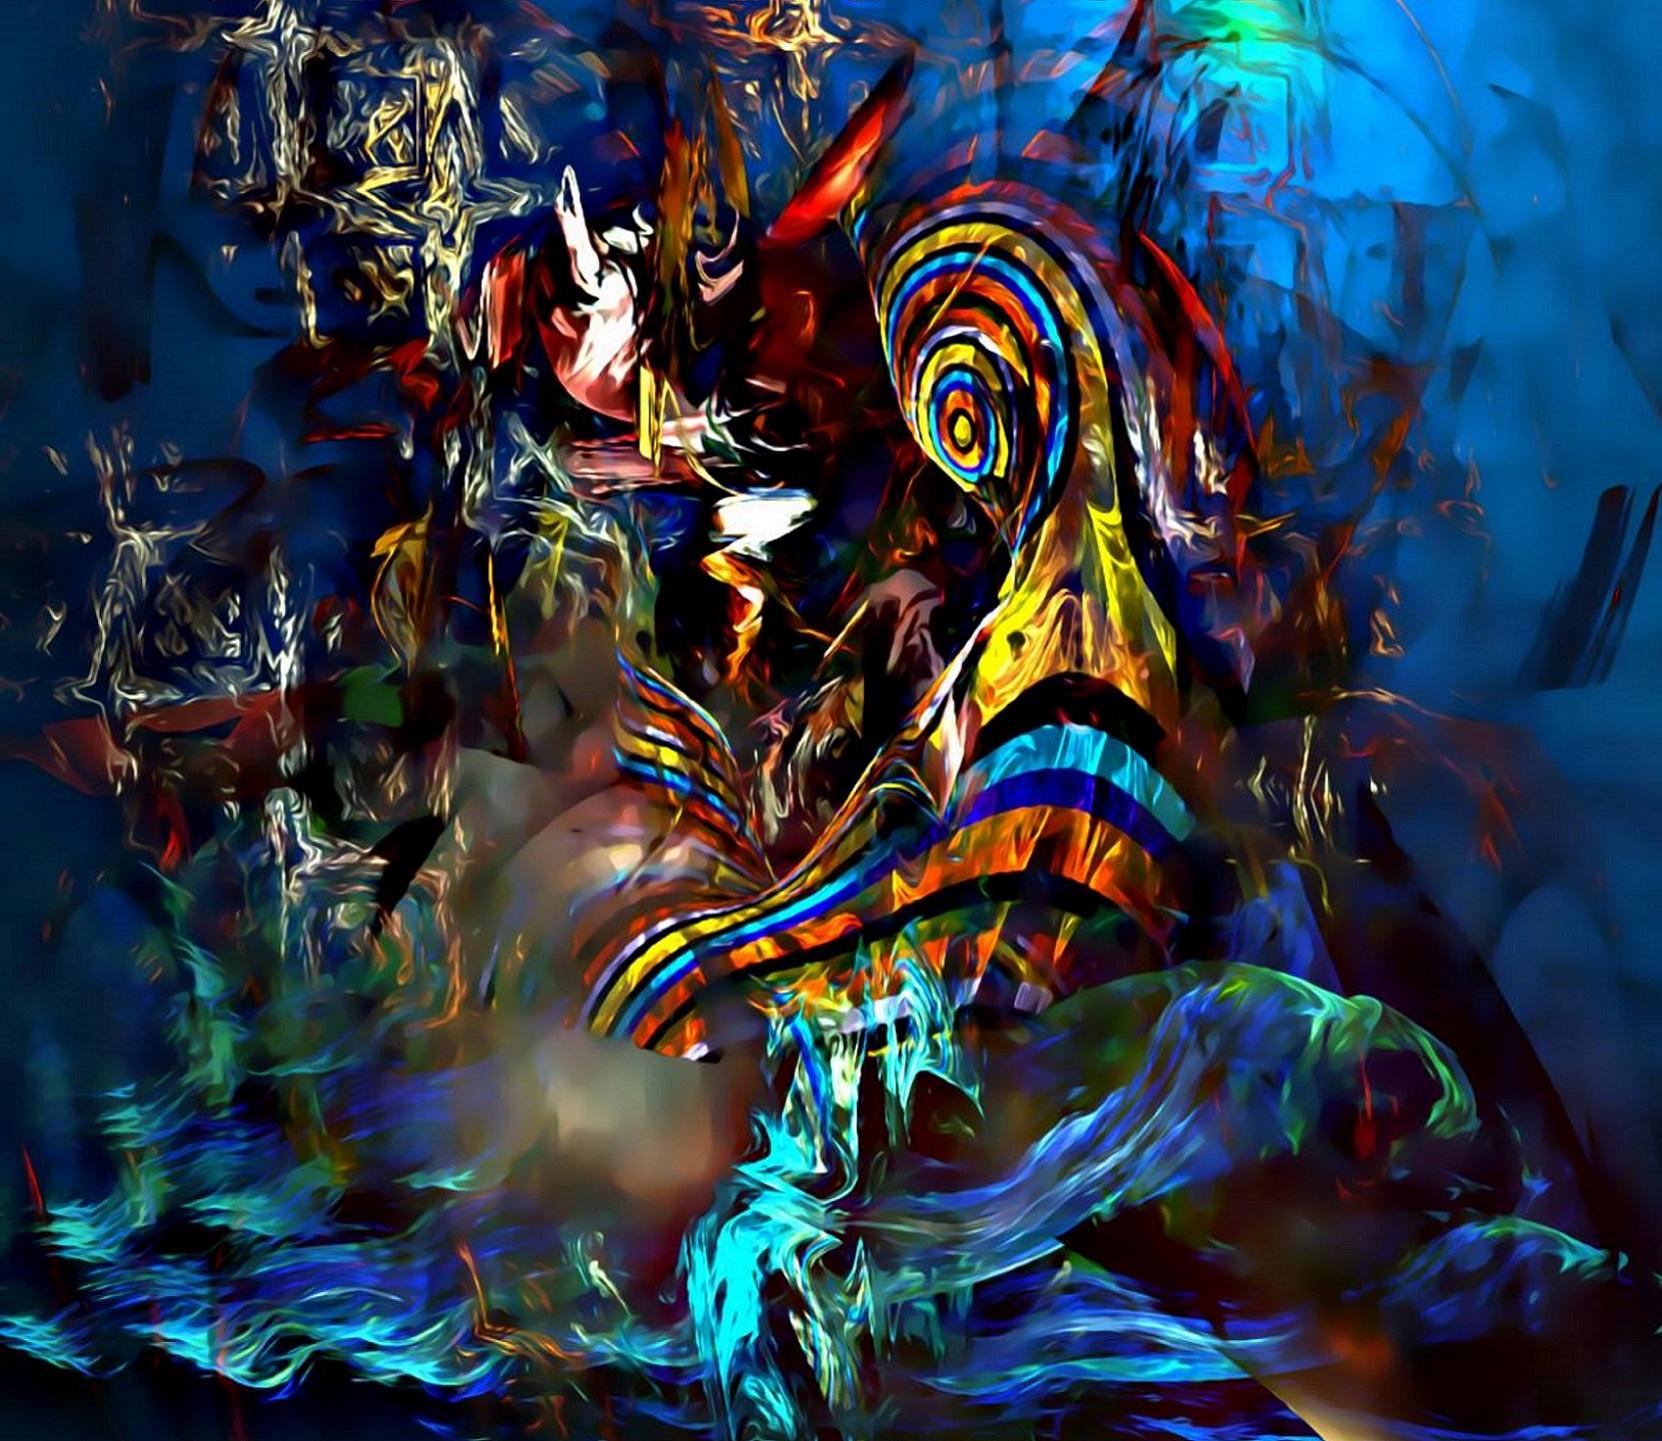 L'Angolo di Marta Lock (IE): La Digital Art di Nadi Adatepe, per interpretare e svelare l'essenza na